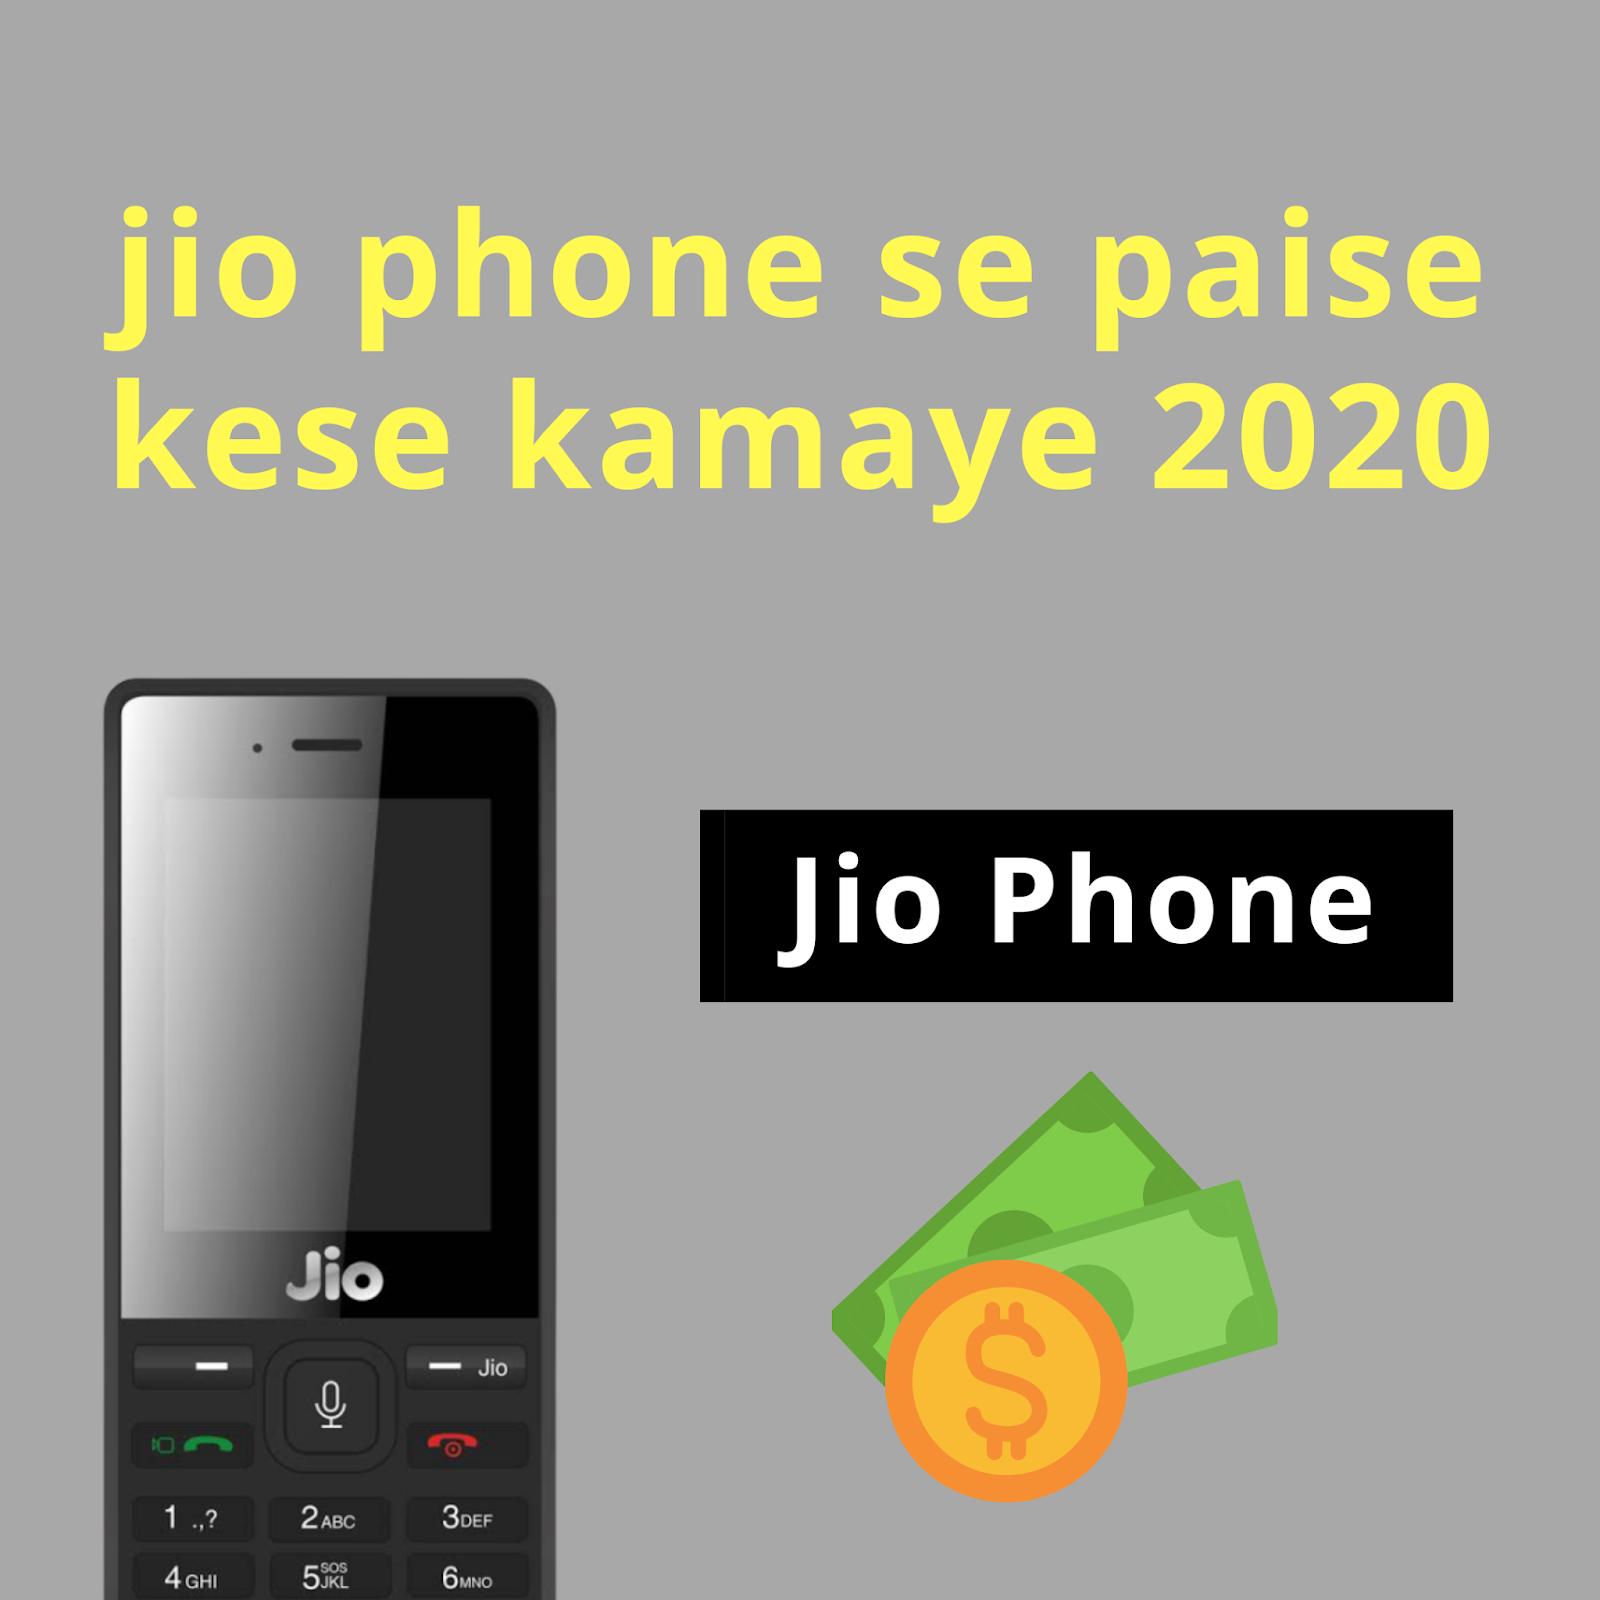 jio phone se paise kese kamaye 2020